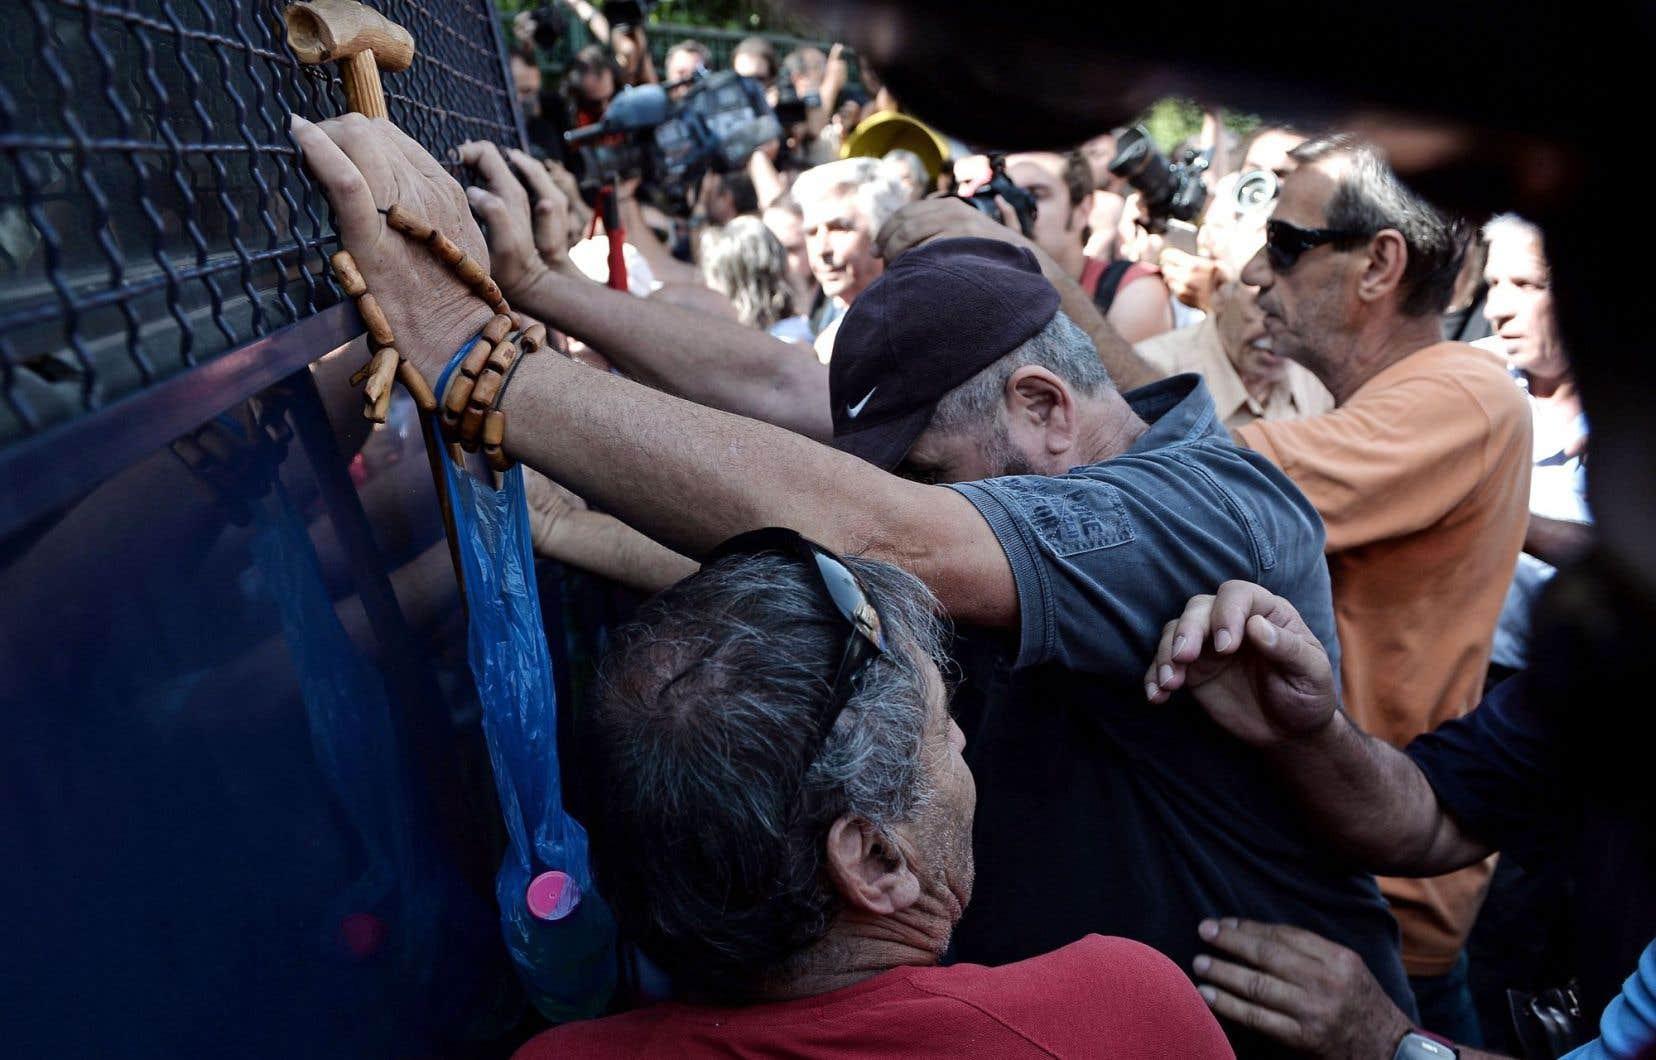 Des retraités grecs tentent de repousser un bus de police qui entrave le chemin vers le bureau du premier ministre, Alexis Tsipras , durant une manifestation contre les coupes des montants de retraite, en octobre dernier, à Athènes.